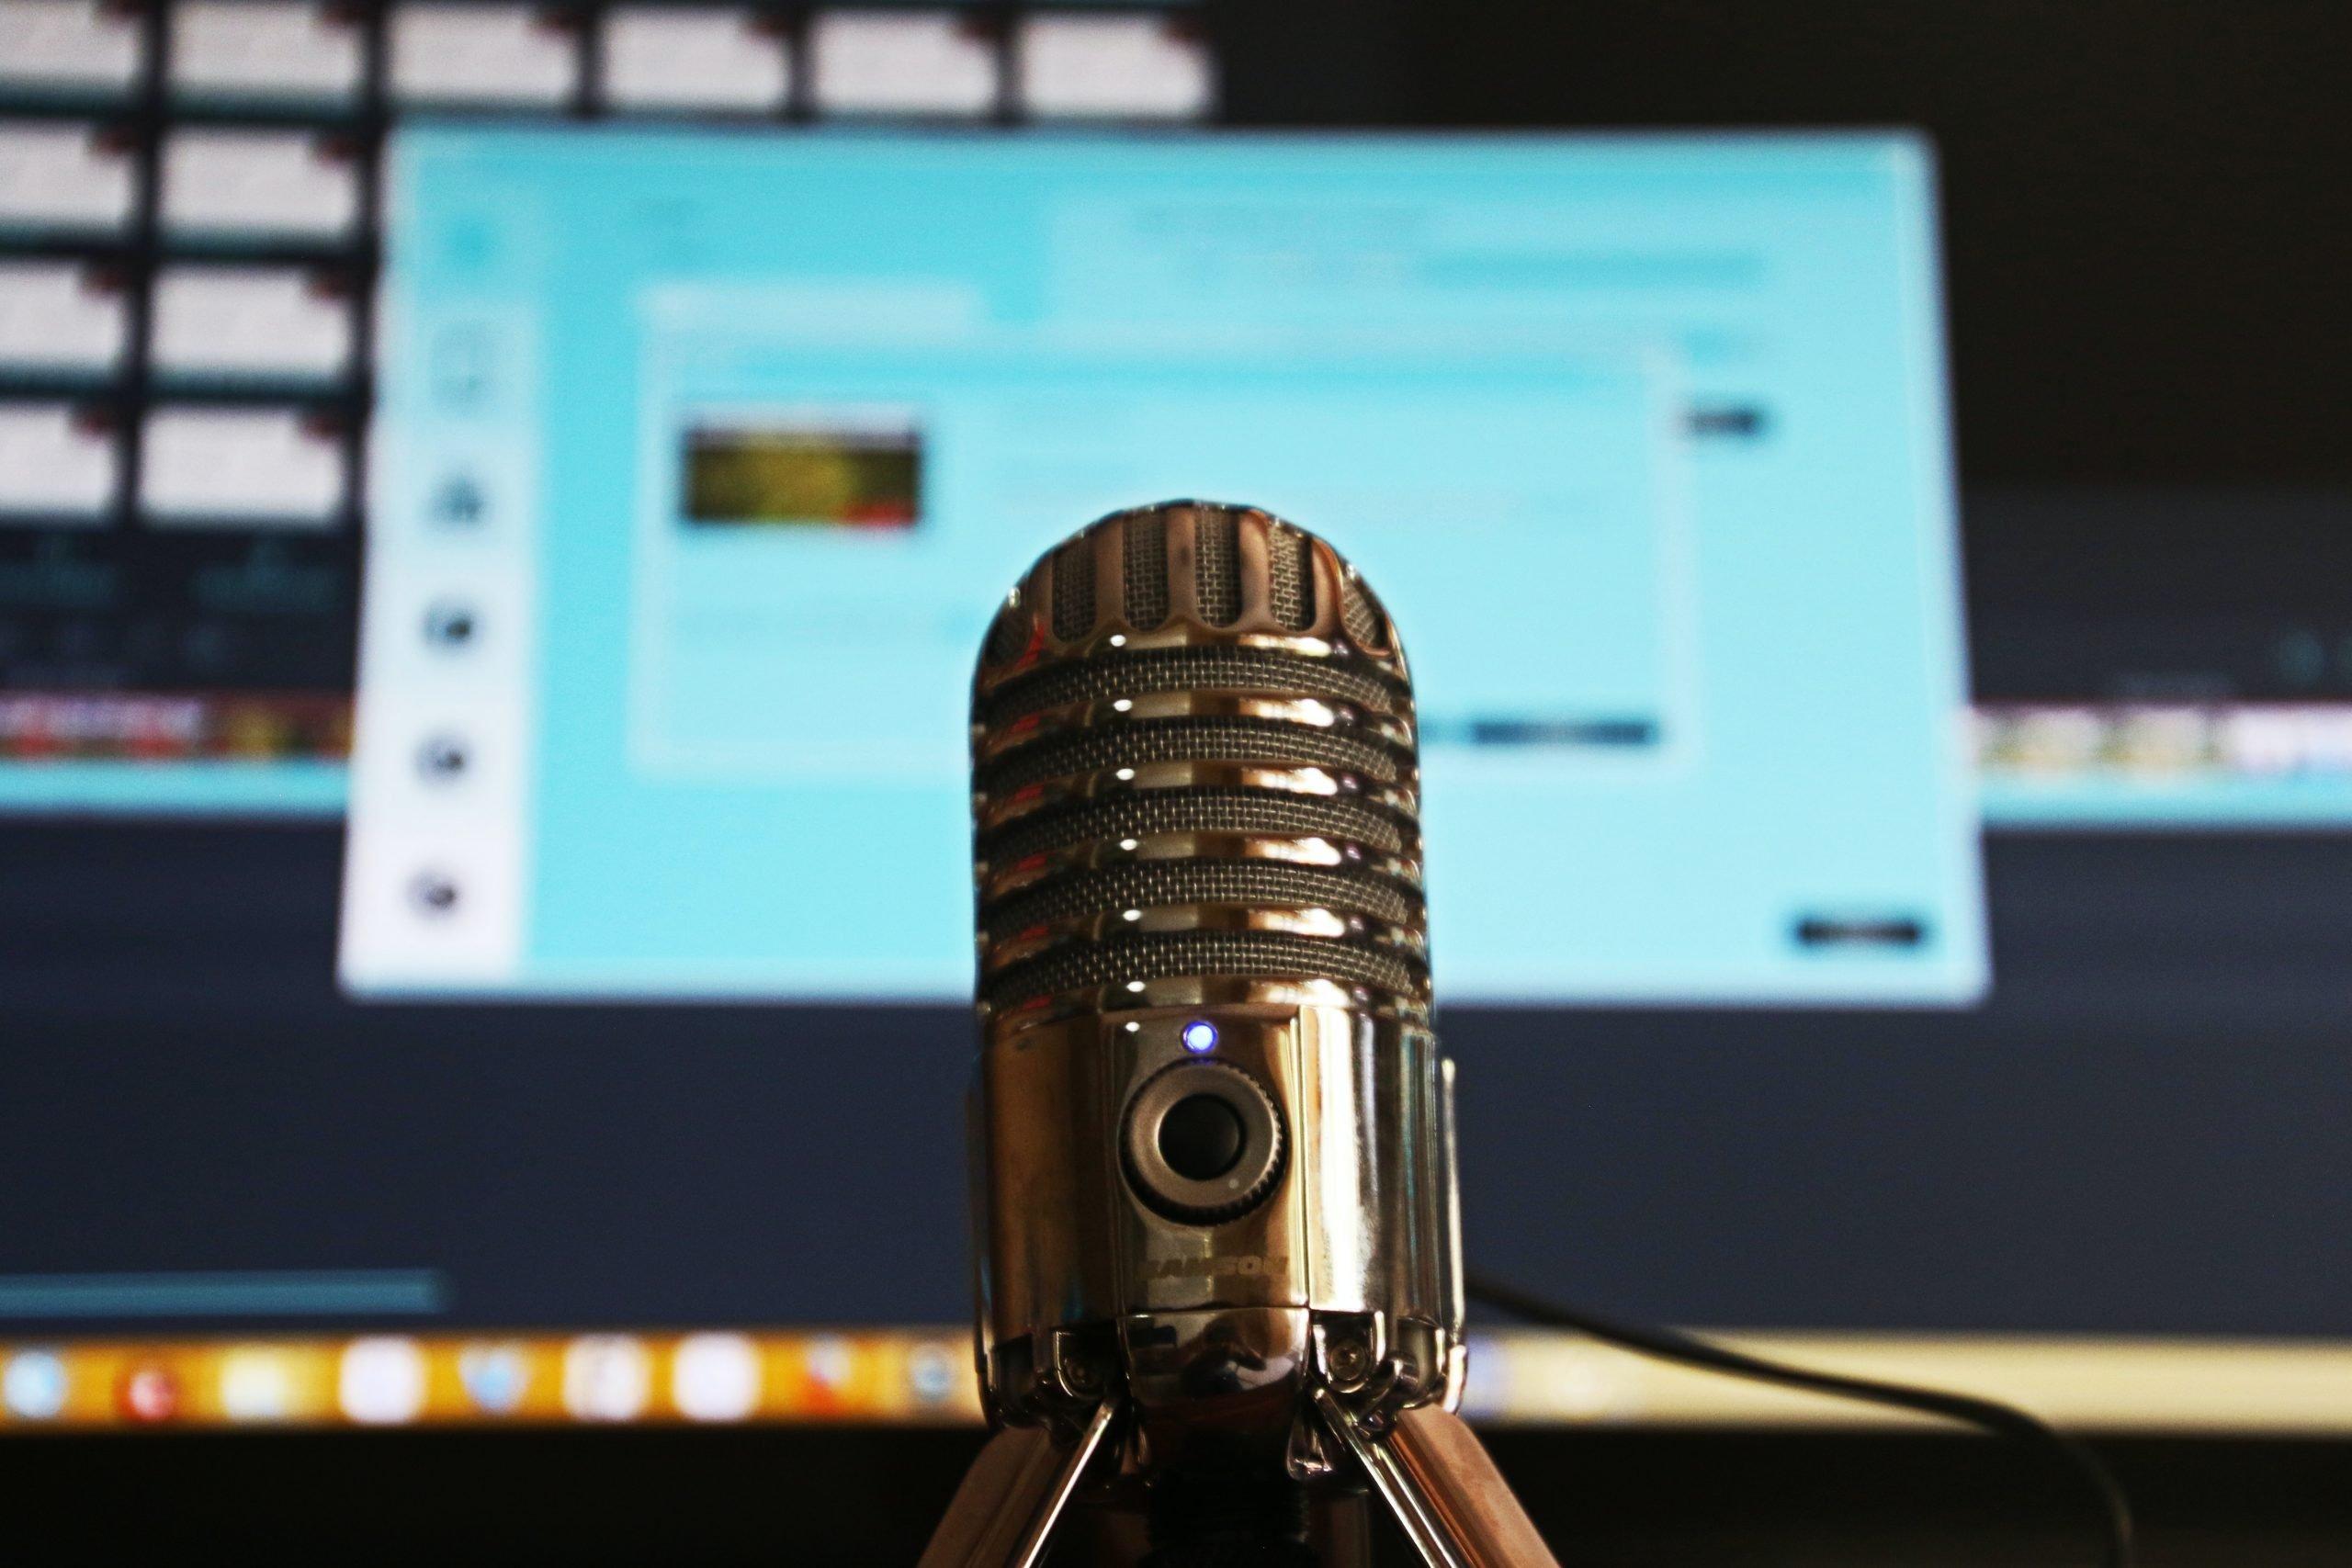 語音社群媒體 Clubhouse 曇花一現? 「耳朵時代」如何帶動聽覺行銷